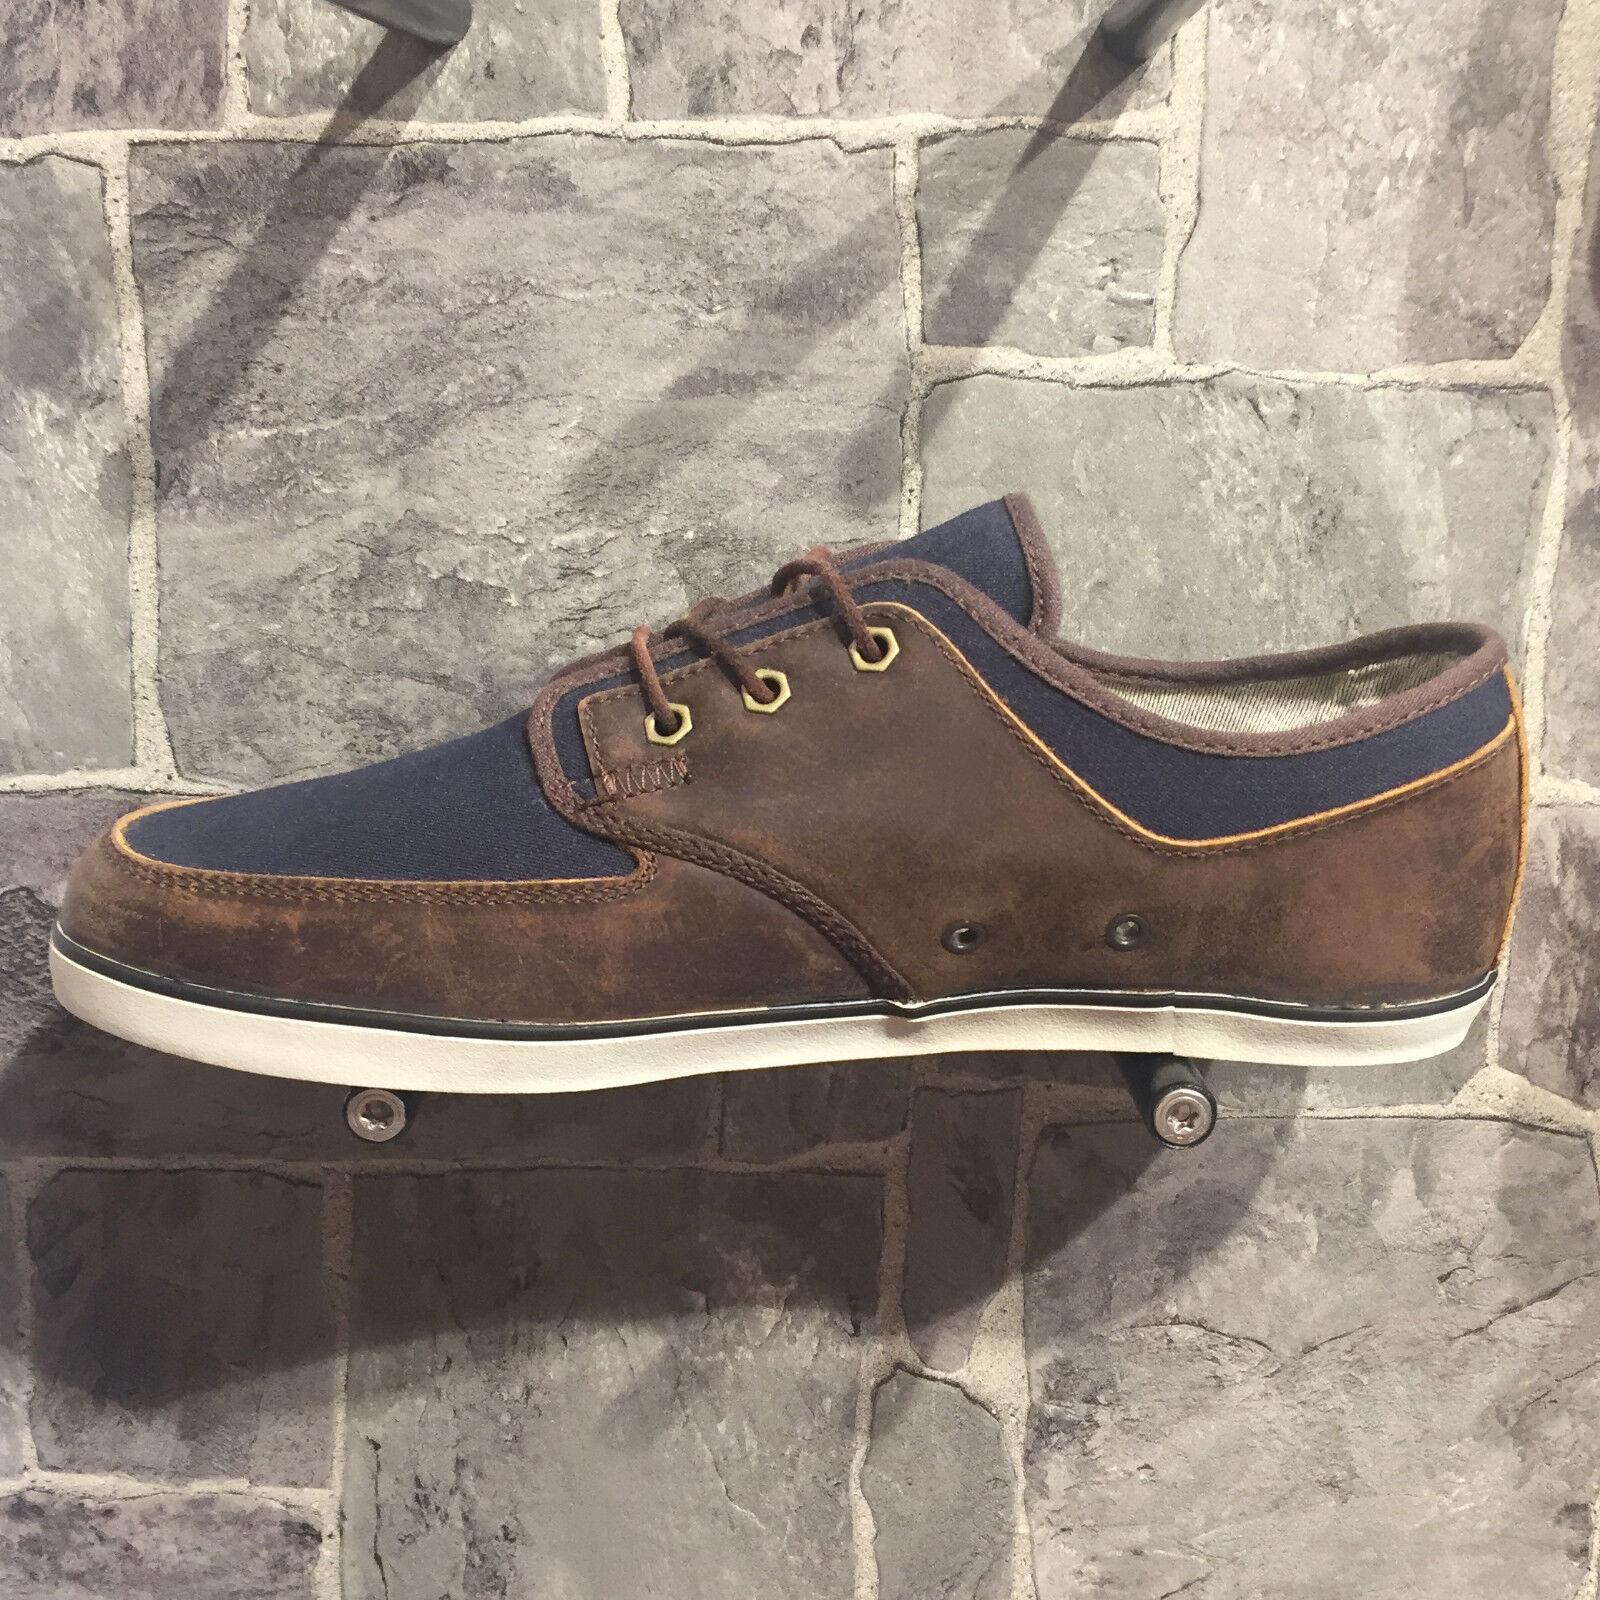 ELEMENT Whitley Schuhe Sneaker Schnürer brown/navy EWHTL-1023128